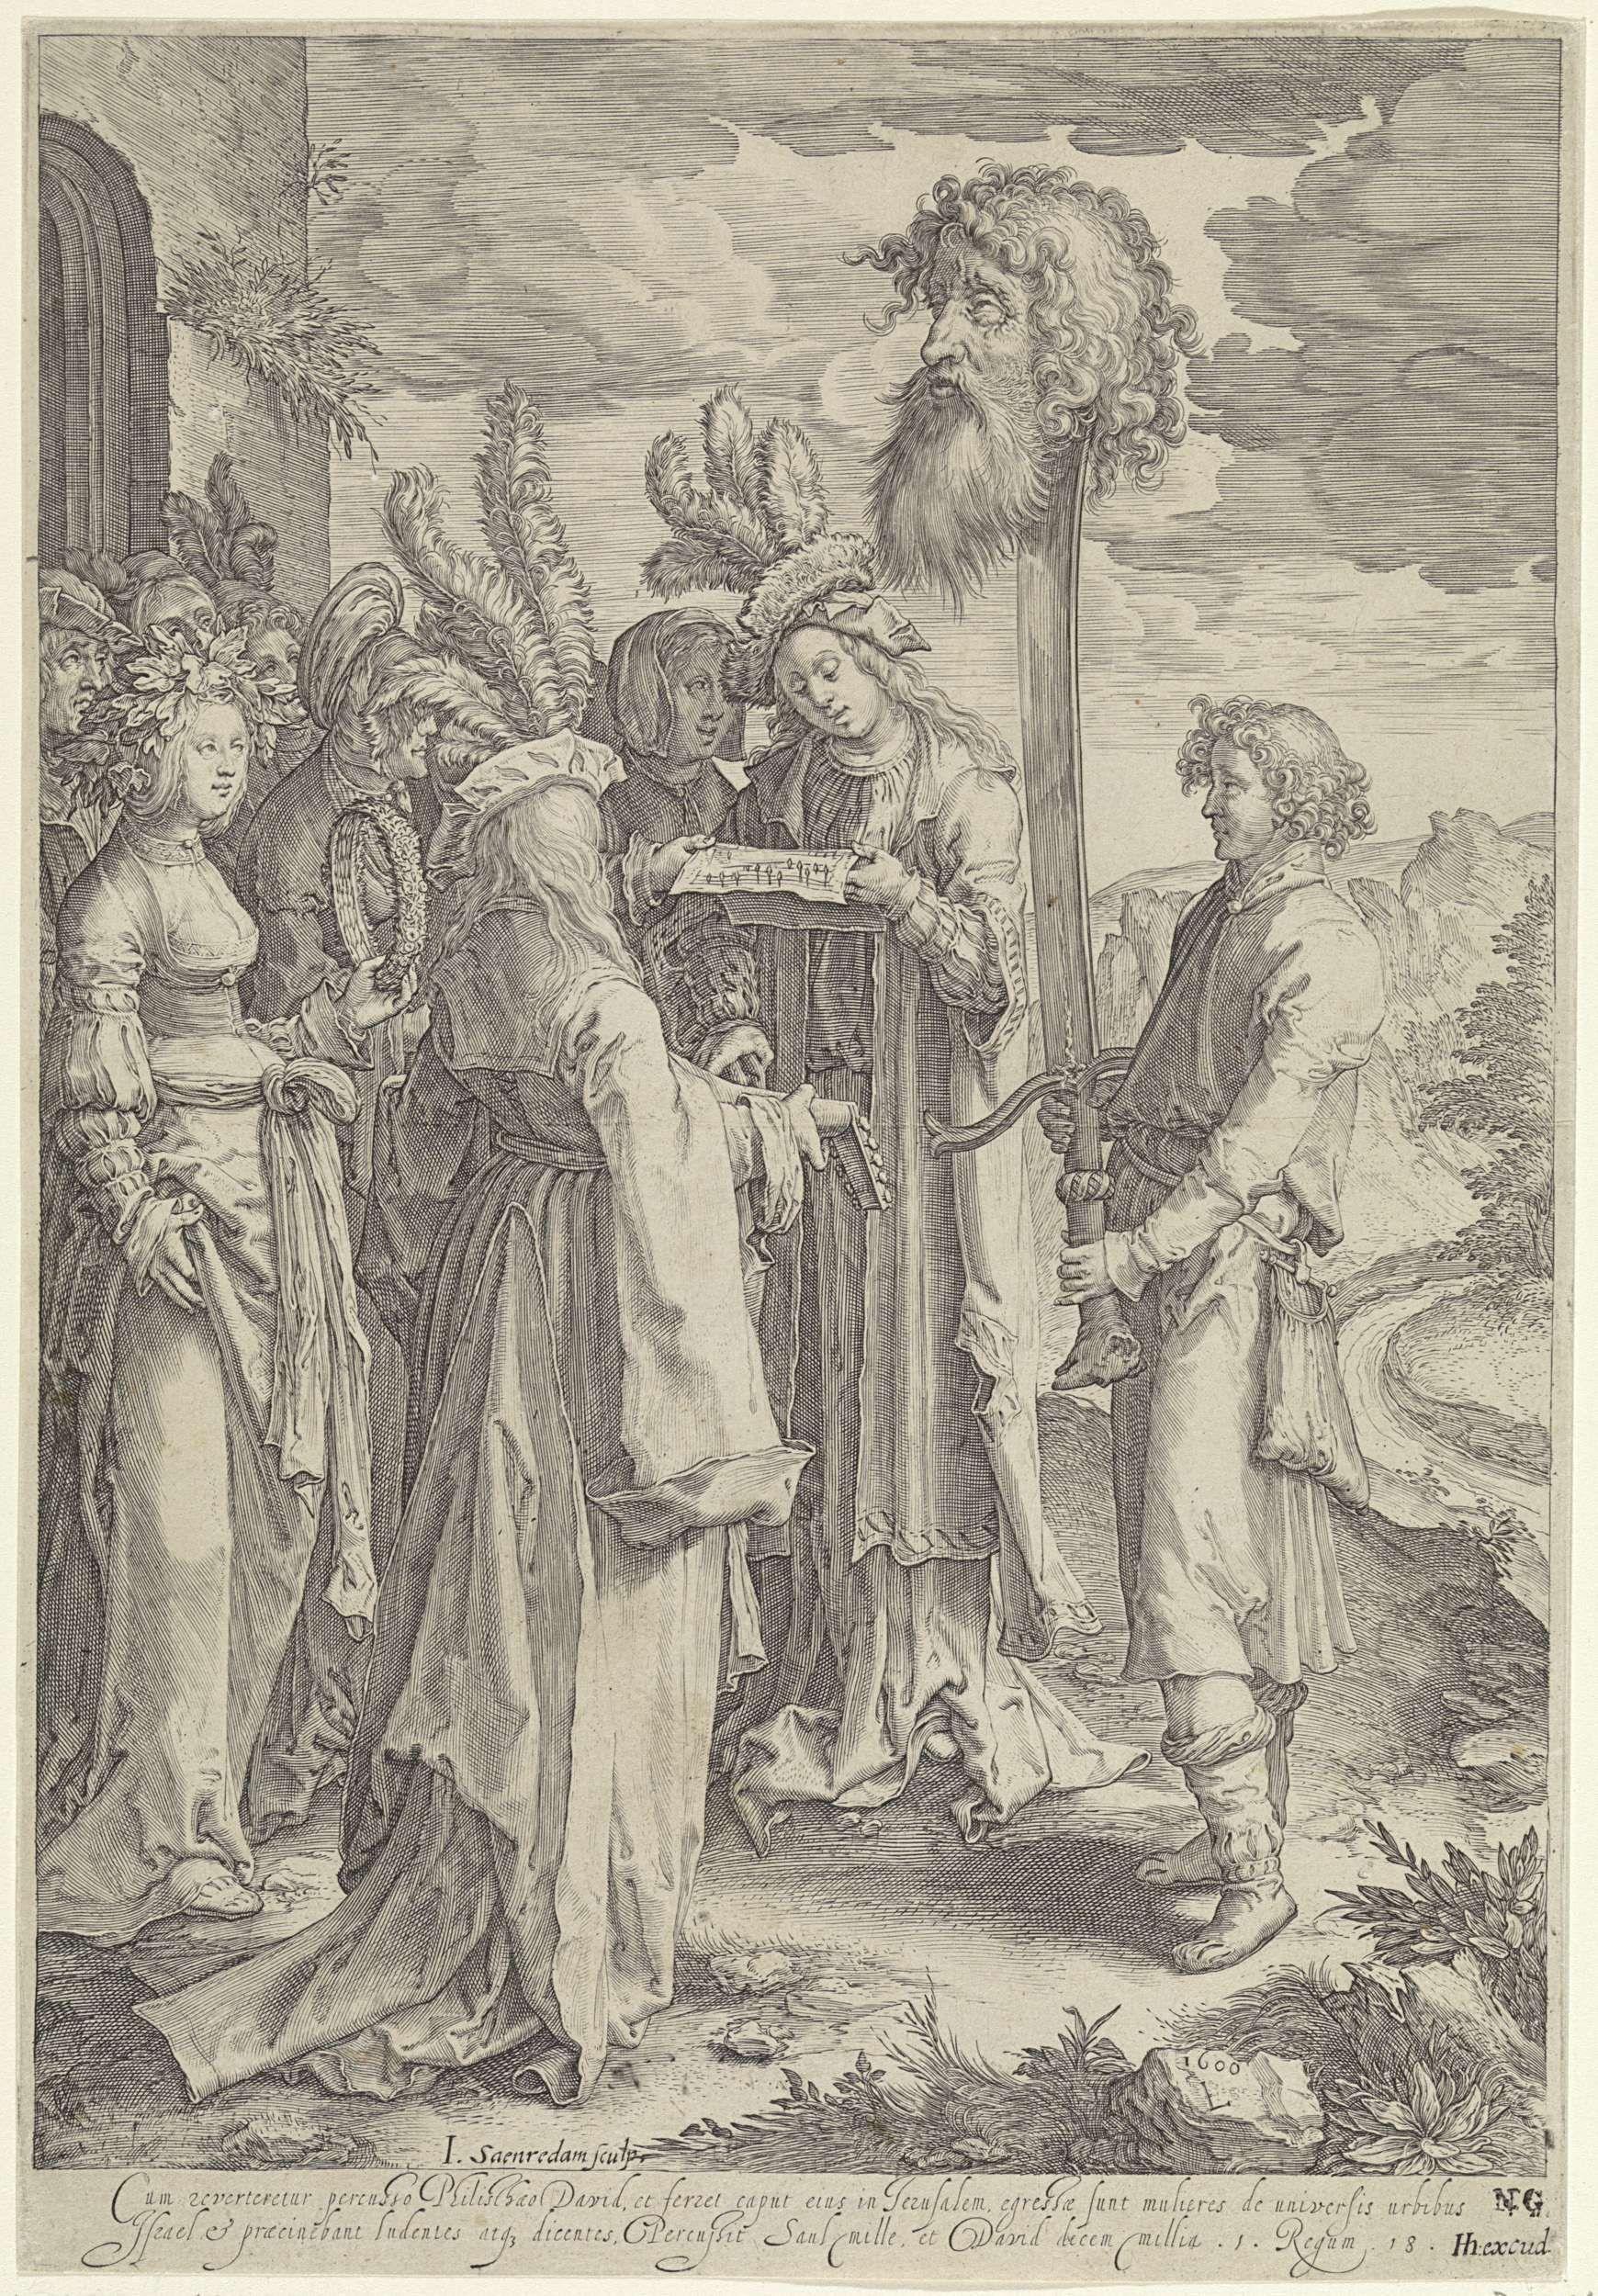 Jan Saenredam | Triomferende David met het hoofd van Goliat, Jan Saenredam, Hendrick Hondius (I), 1600 | Rechts staat David met een groot zwaard. Op het zwaard is het hoofd van Goliat gespiest. Voor hem staan enkele zingende en musicerende vrouwen. Onder de voorstelling een tweeregelige, Latijnse tekst met een beschrijving van de scène uit 1 Samuel 18.